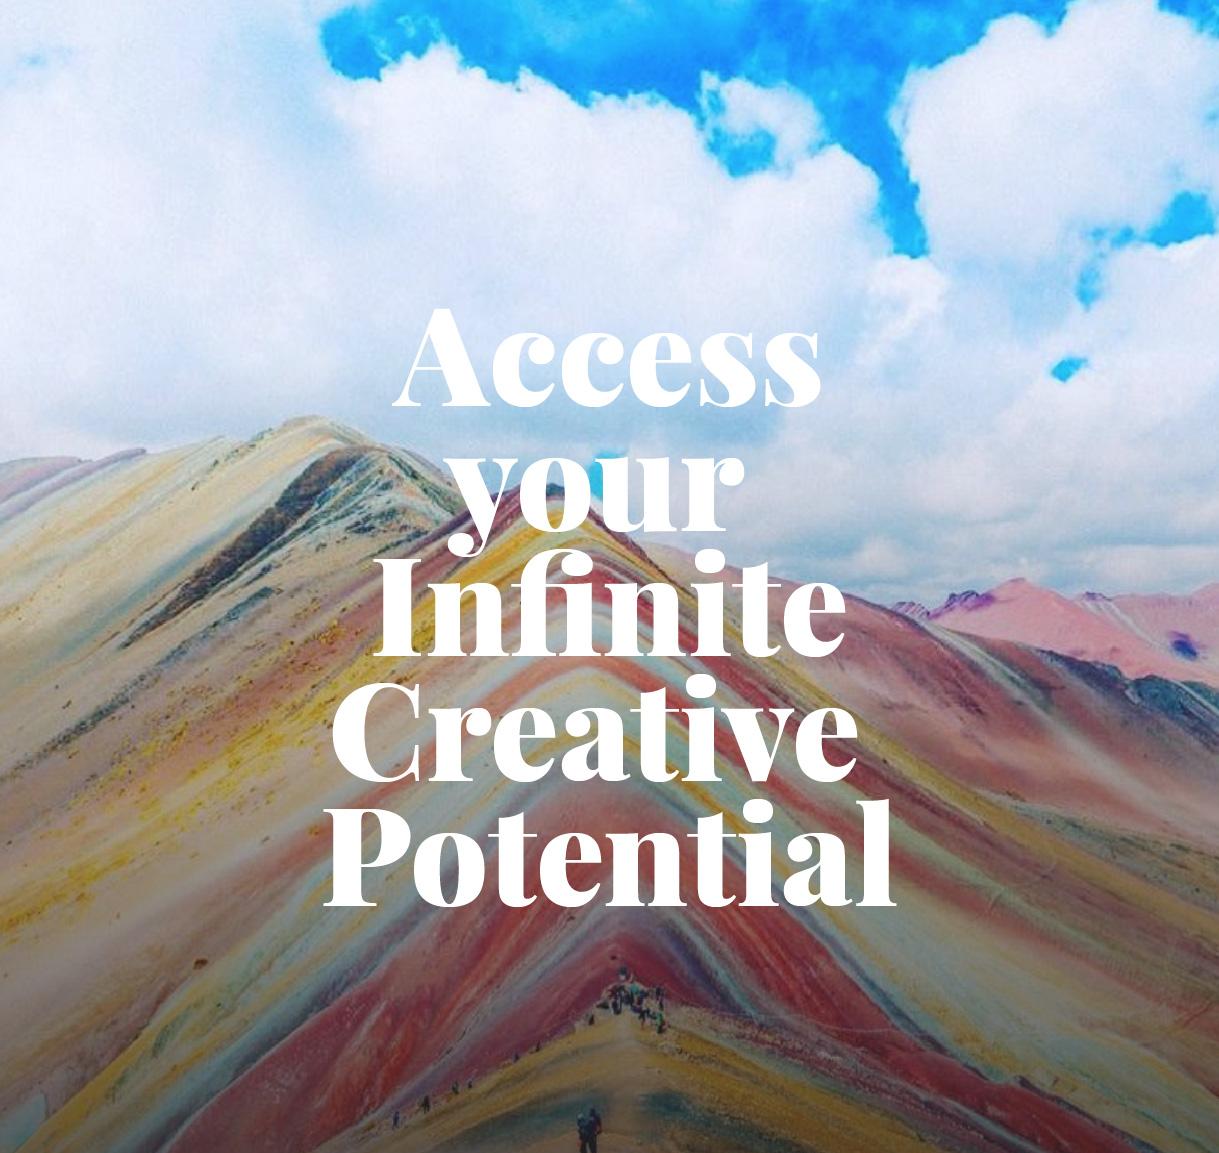 CREATIVEMOUNTAIN_creativepotential-01.jpg